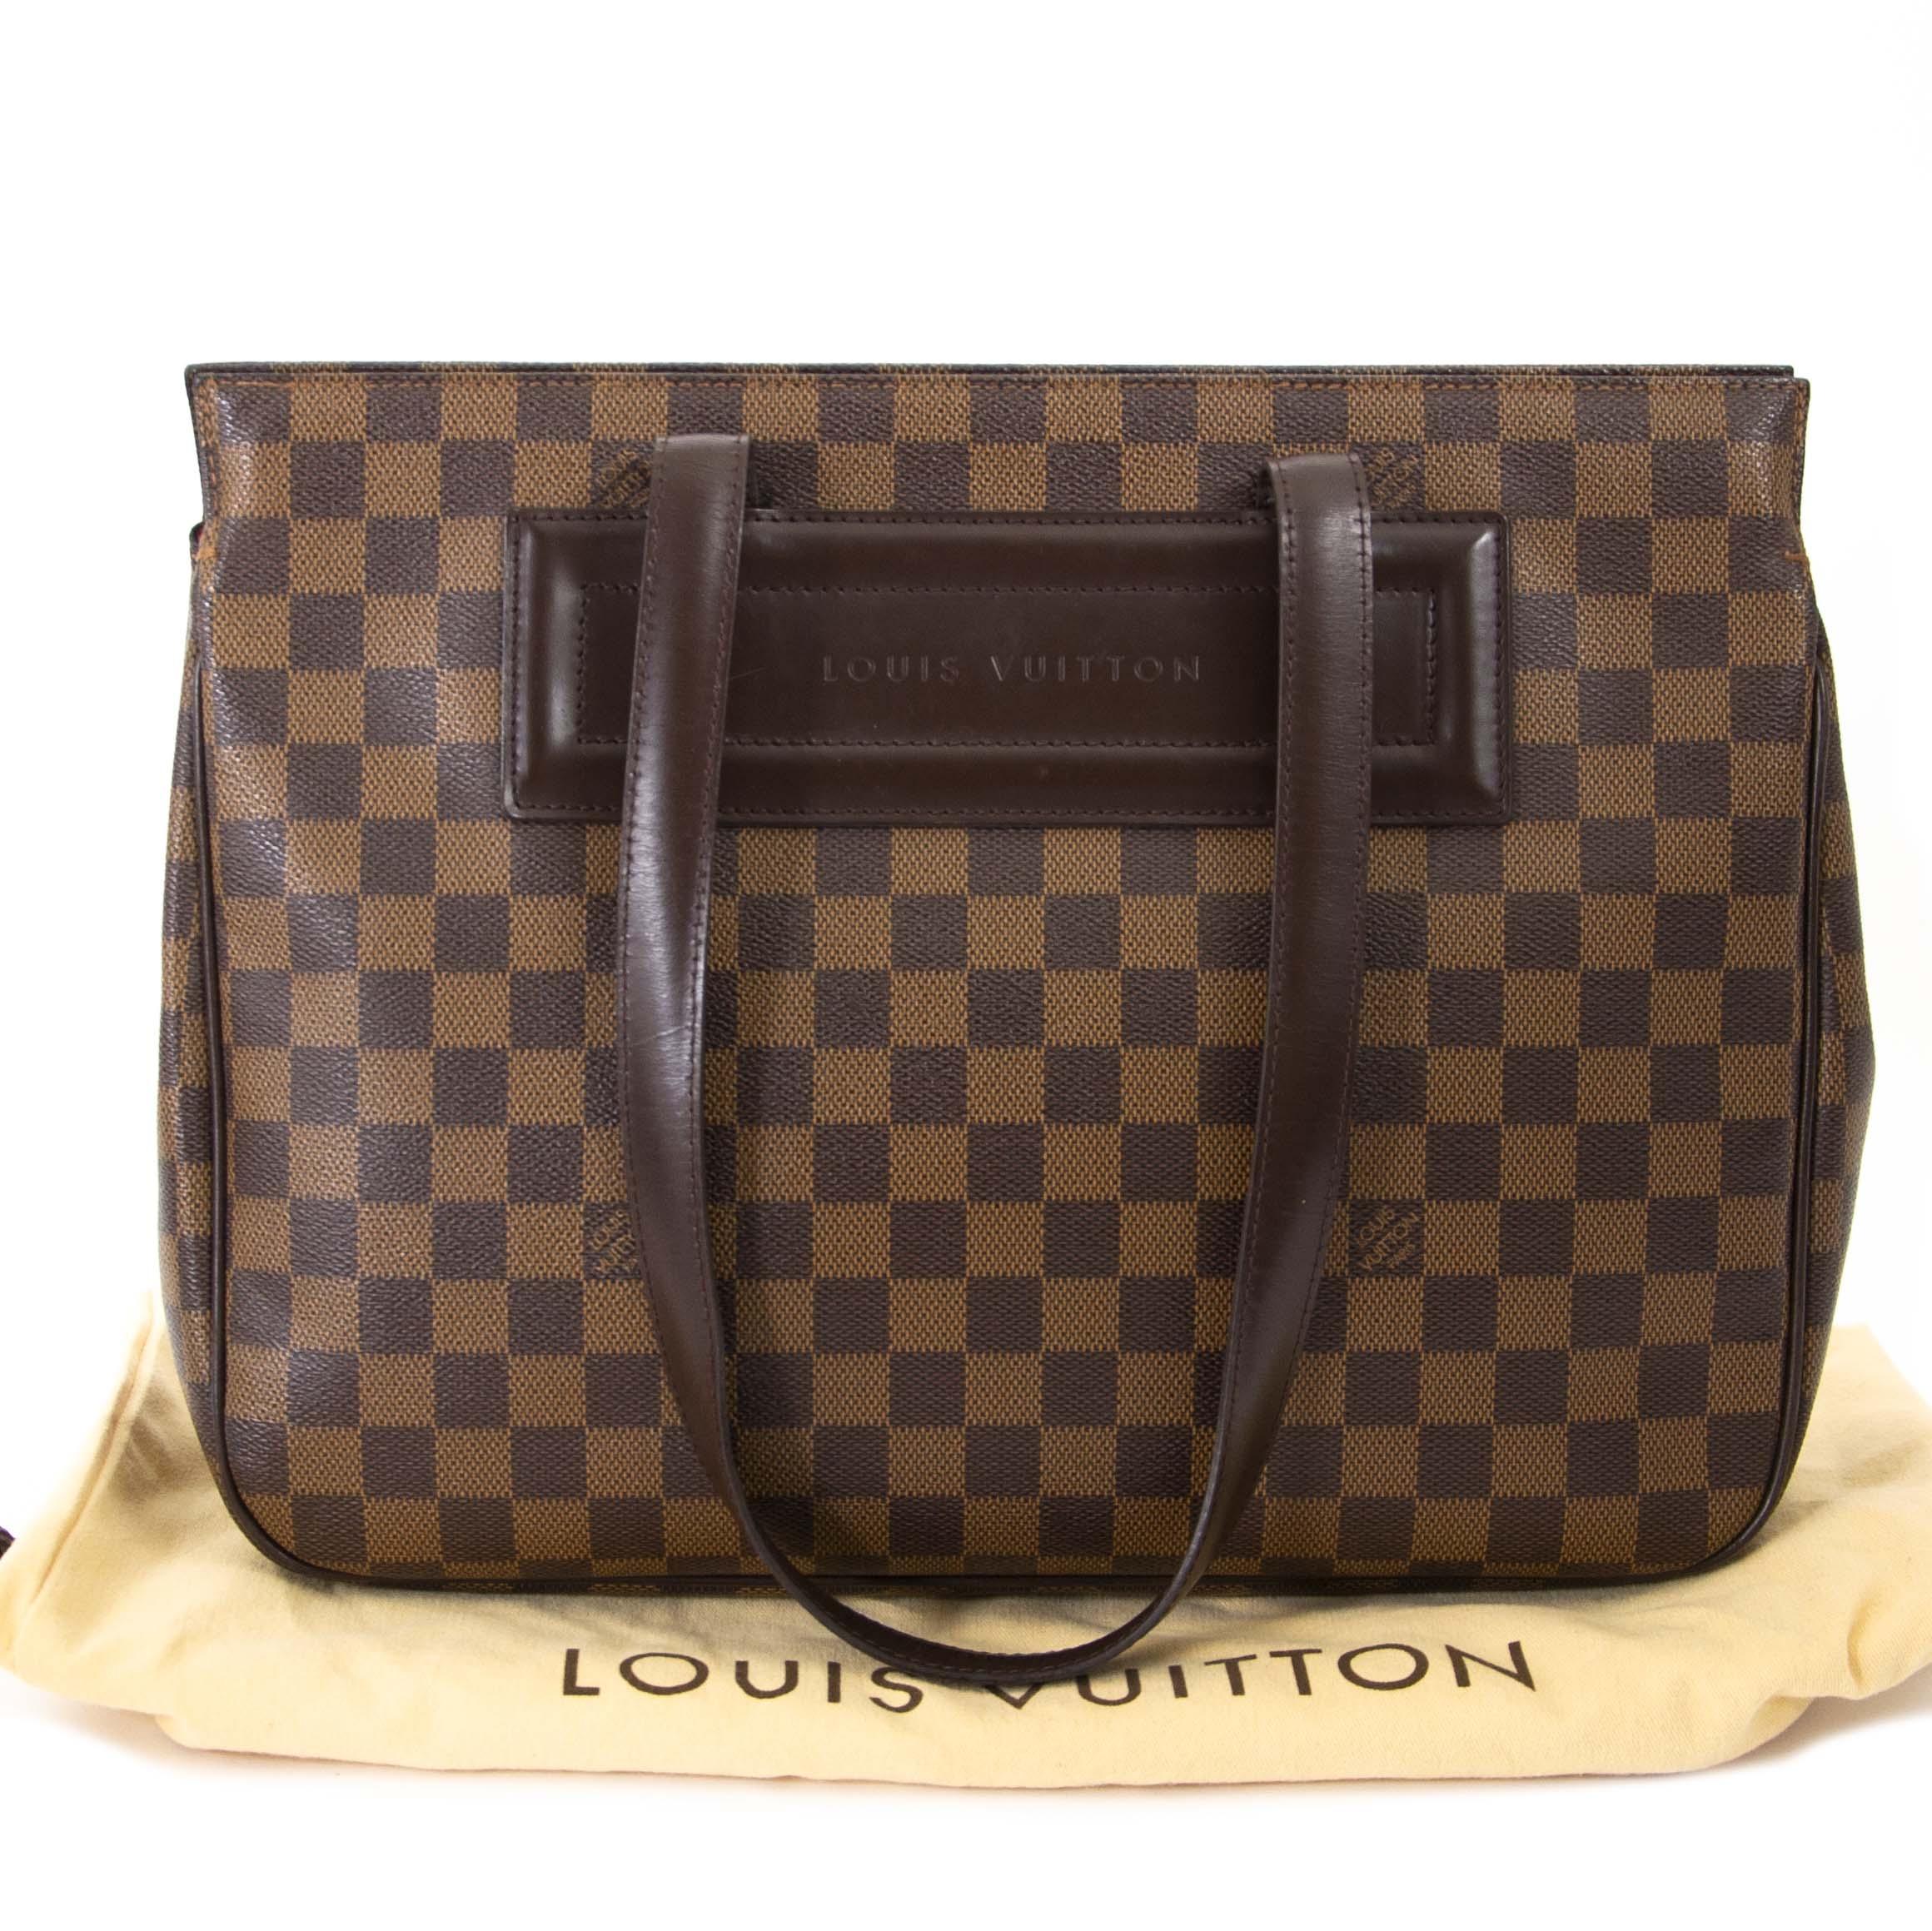 0d0c2b39b8d Labellov Buy authentic vintage Louis Vuitton online with Labellov ...